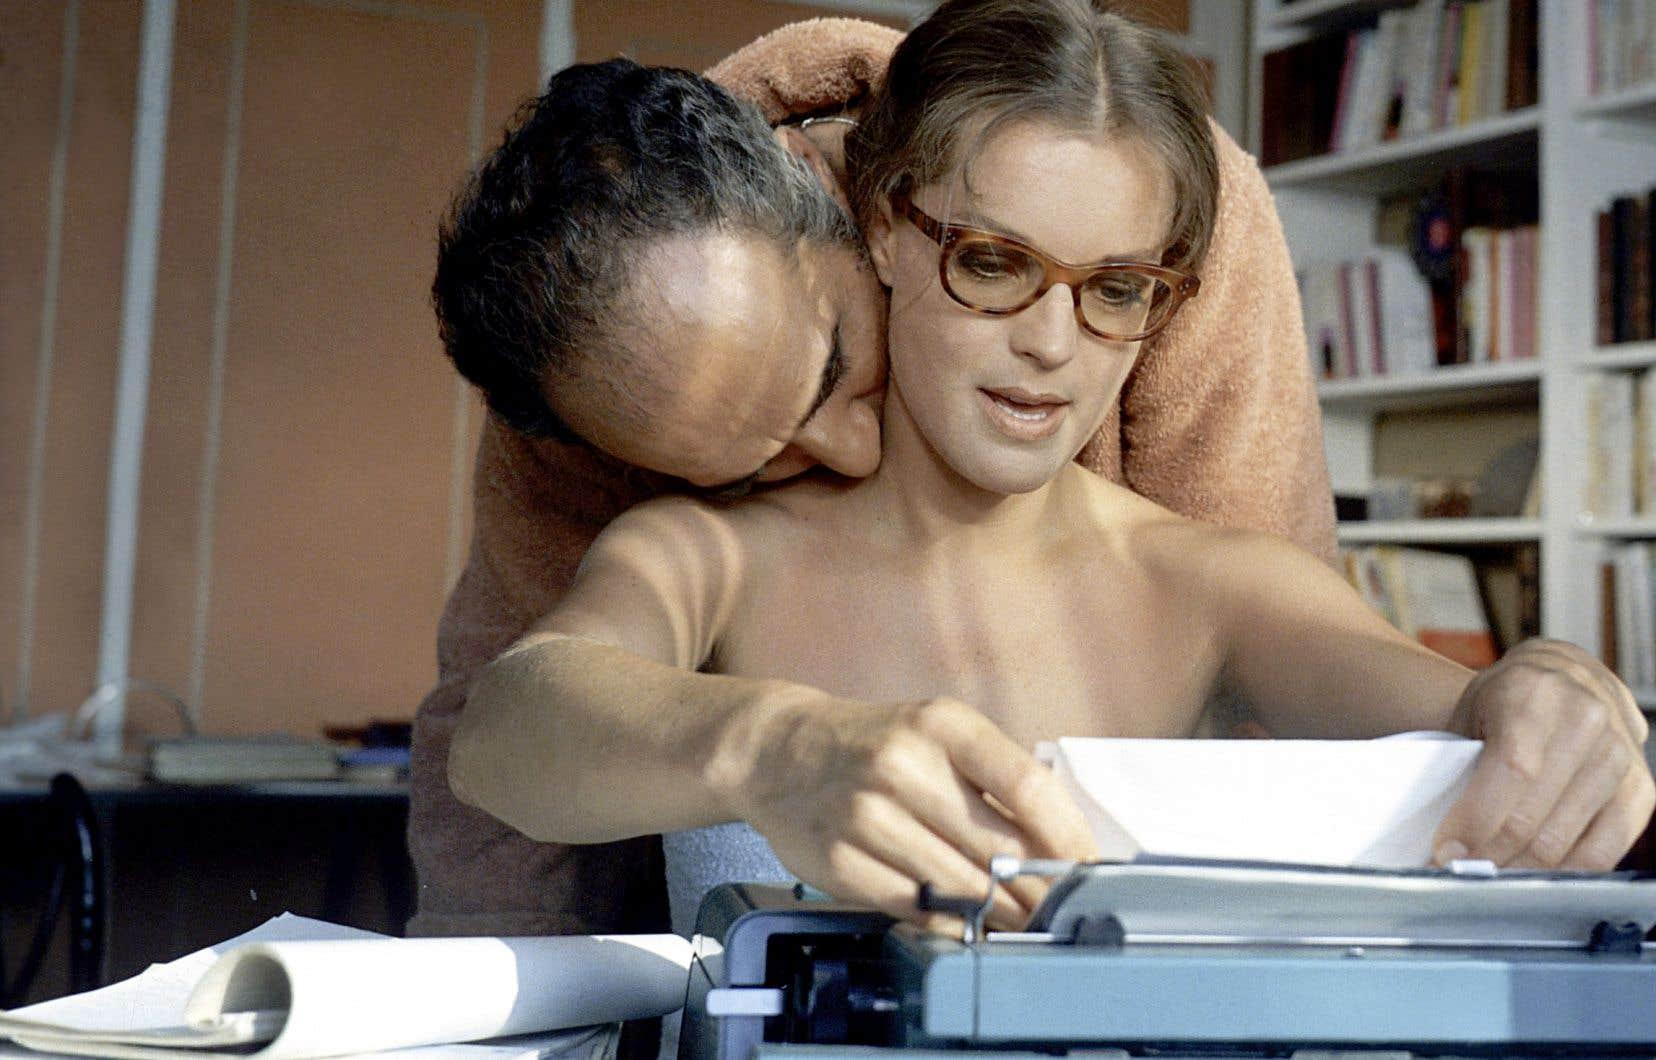 En 1970, le fllm «Les choses de la vie», de Claude Sautet, triompha, faisant de Romy Schneider une star du cinéma français.